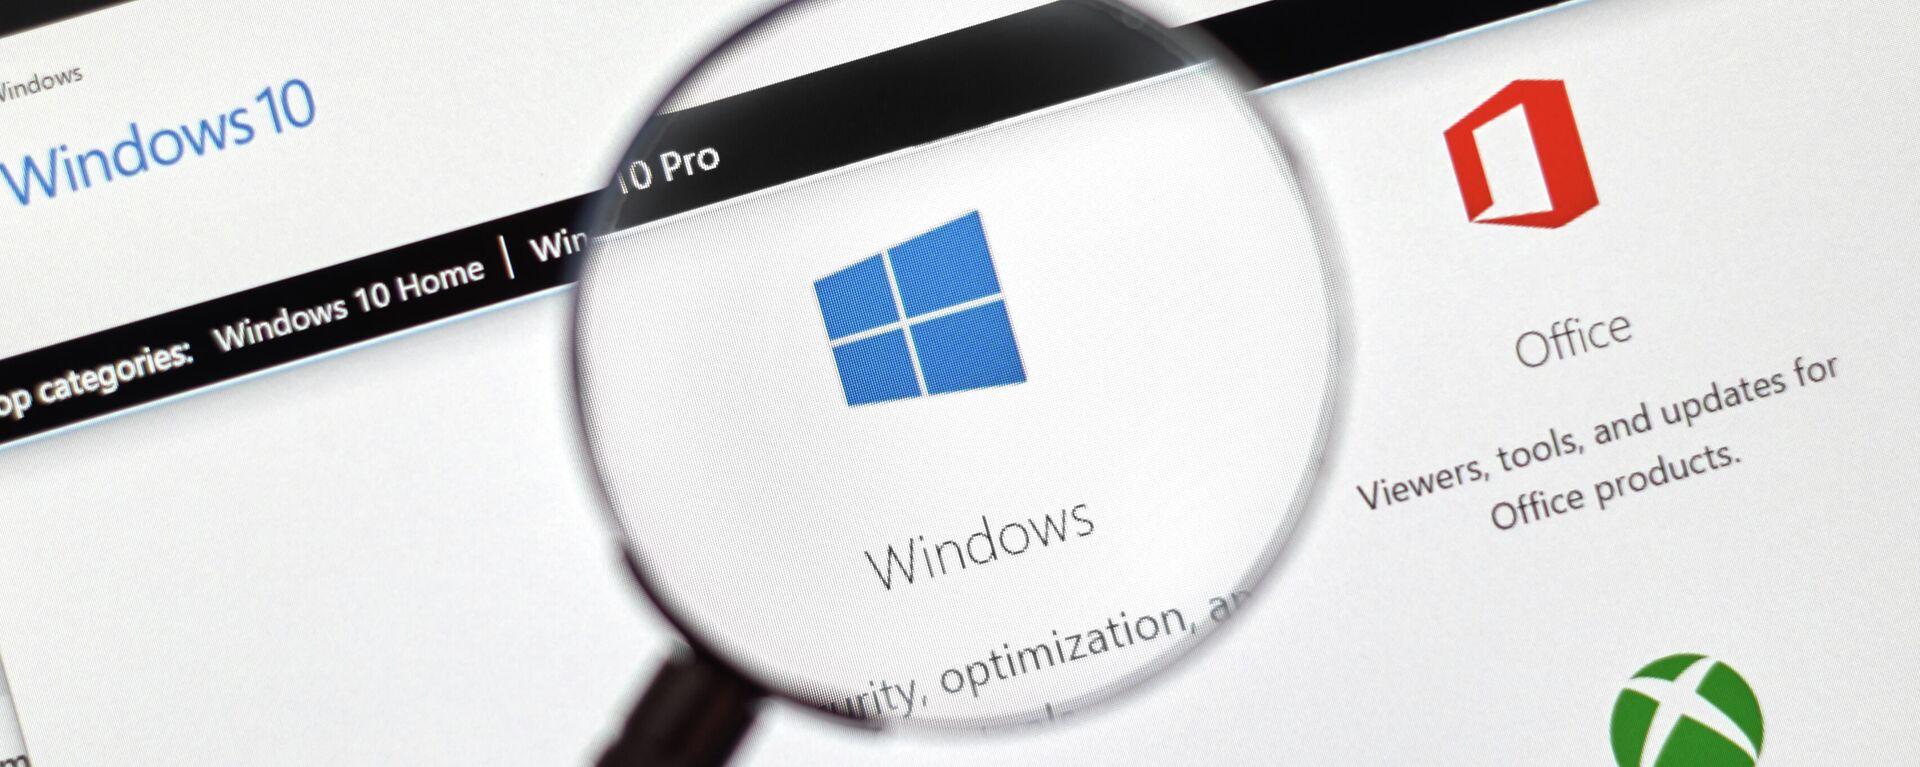 OS Microsoft Windows 10 - Sputnik Česká republika, 1920, 27.06.2021